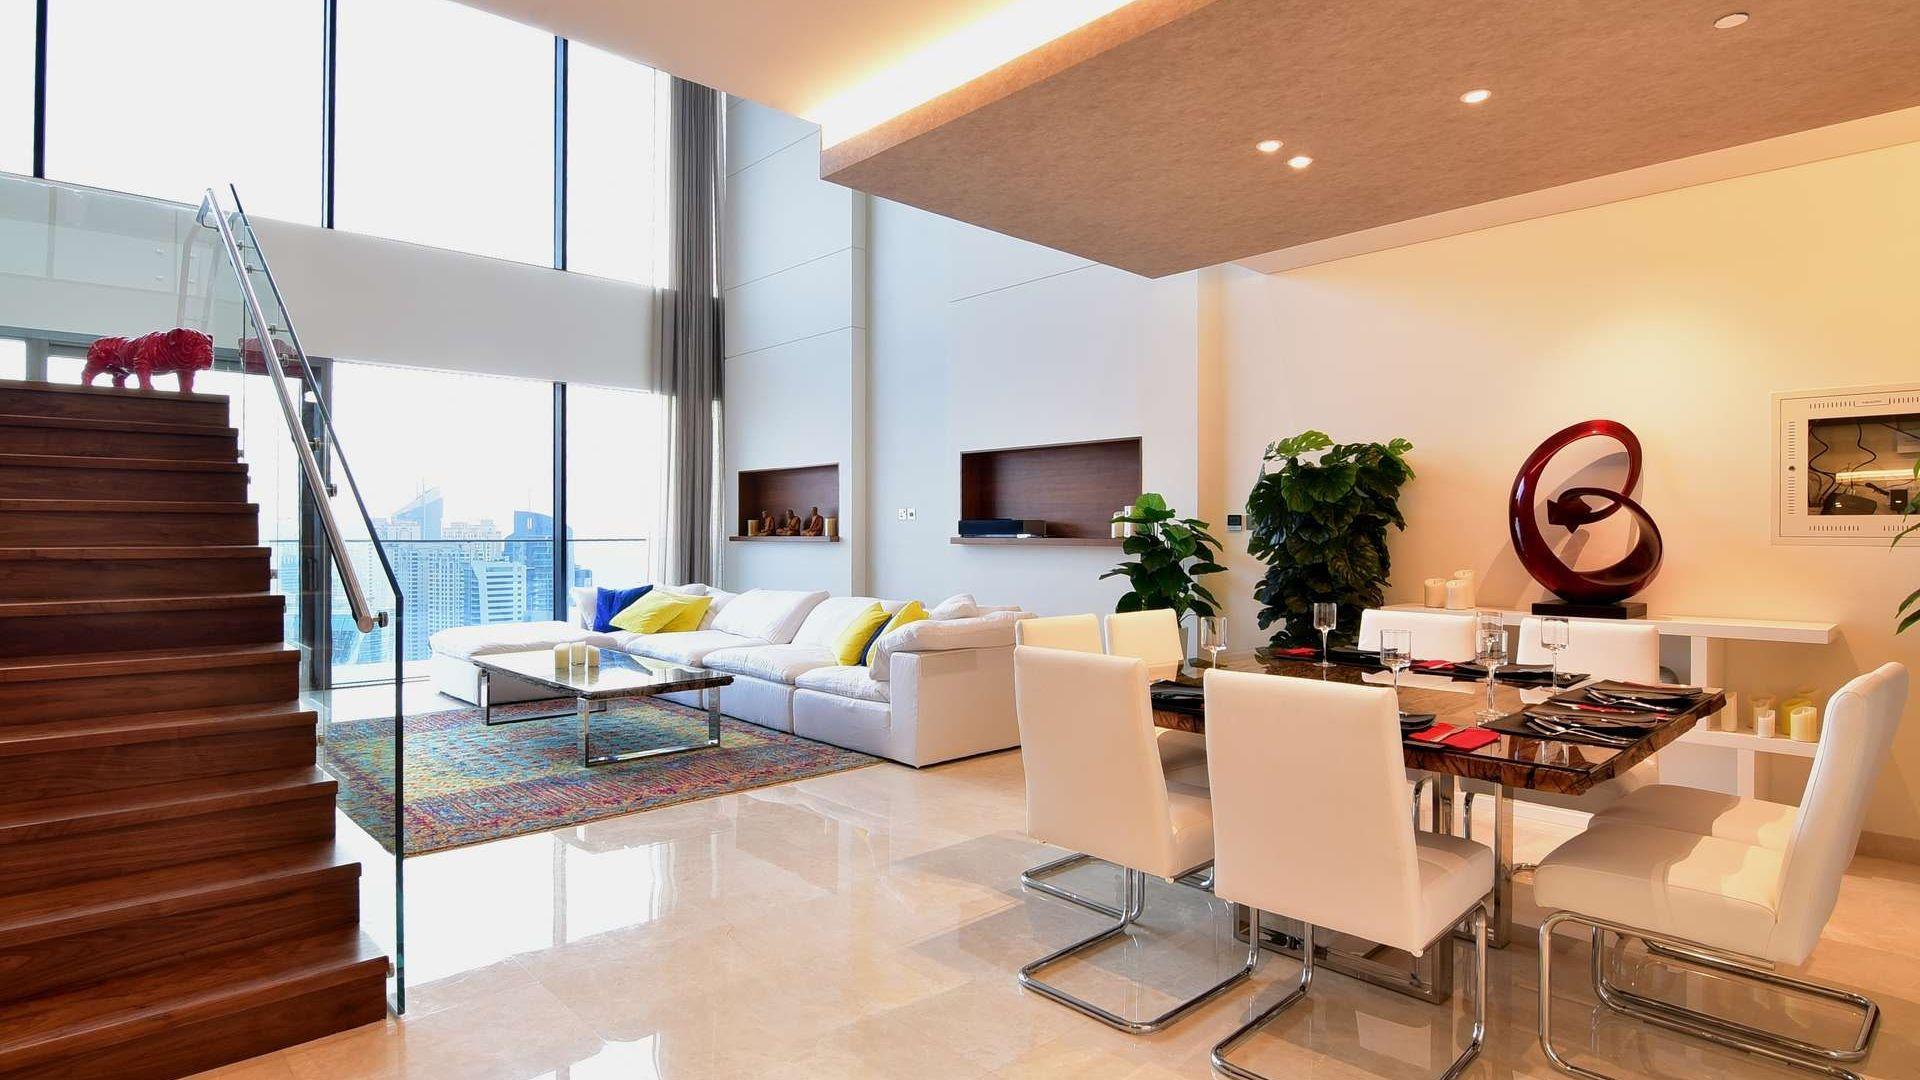 Ático en venta en Dubai, EAU, 4 dormitorios, 591 m2, № 24260 – foto 1